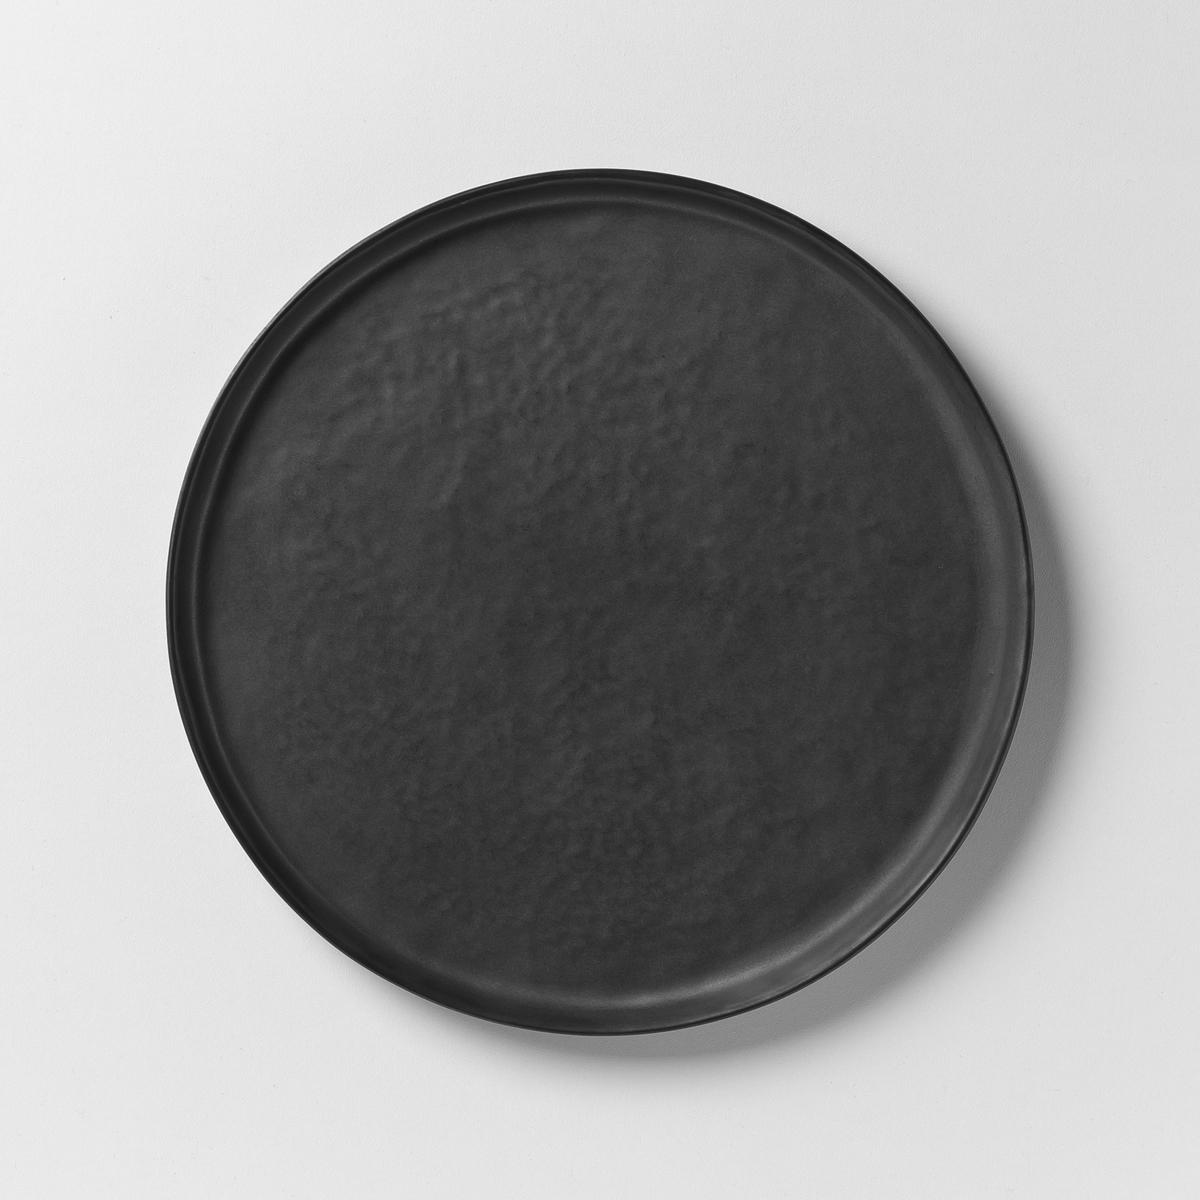 Тарелка десертная из керамики Pure P.Naessens для SeraxТарелка десертная  Pure . Приготовление восхитительных блюд в красивой керамической посуде придает романтизма и способствует хорошему настроению  . Паскаль Нессенс создал Pure, свою первую коллекцию столовых сервизов. Чистое воплощение аутентичности и теплоты, рожденные из органических форм и натуральных материалов.  Характеристики: :- Из матовой керамики с эффектом чеканки .- Можно использовать в посудомоечных машинах и микроволновых печах.- Плоская тарелка и чашка из комплекта продаются на нашем сайте .Размеры  :- ?21,5 x Выс 1,3 см .<br><br>Цвет: черный